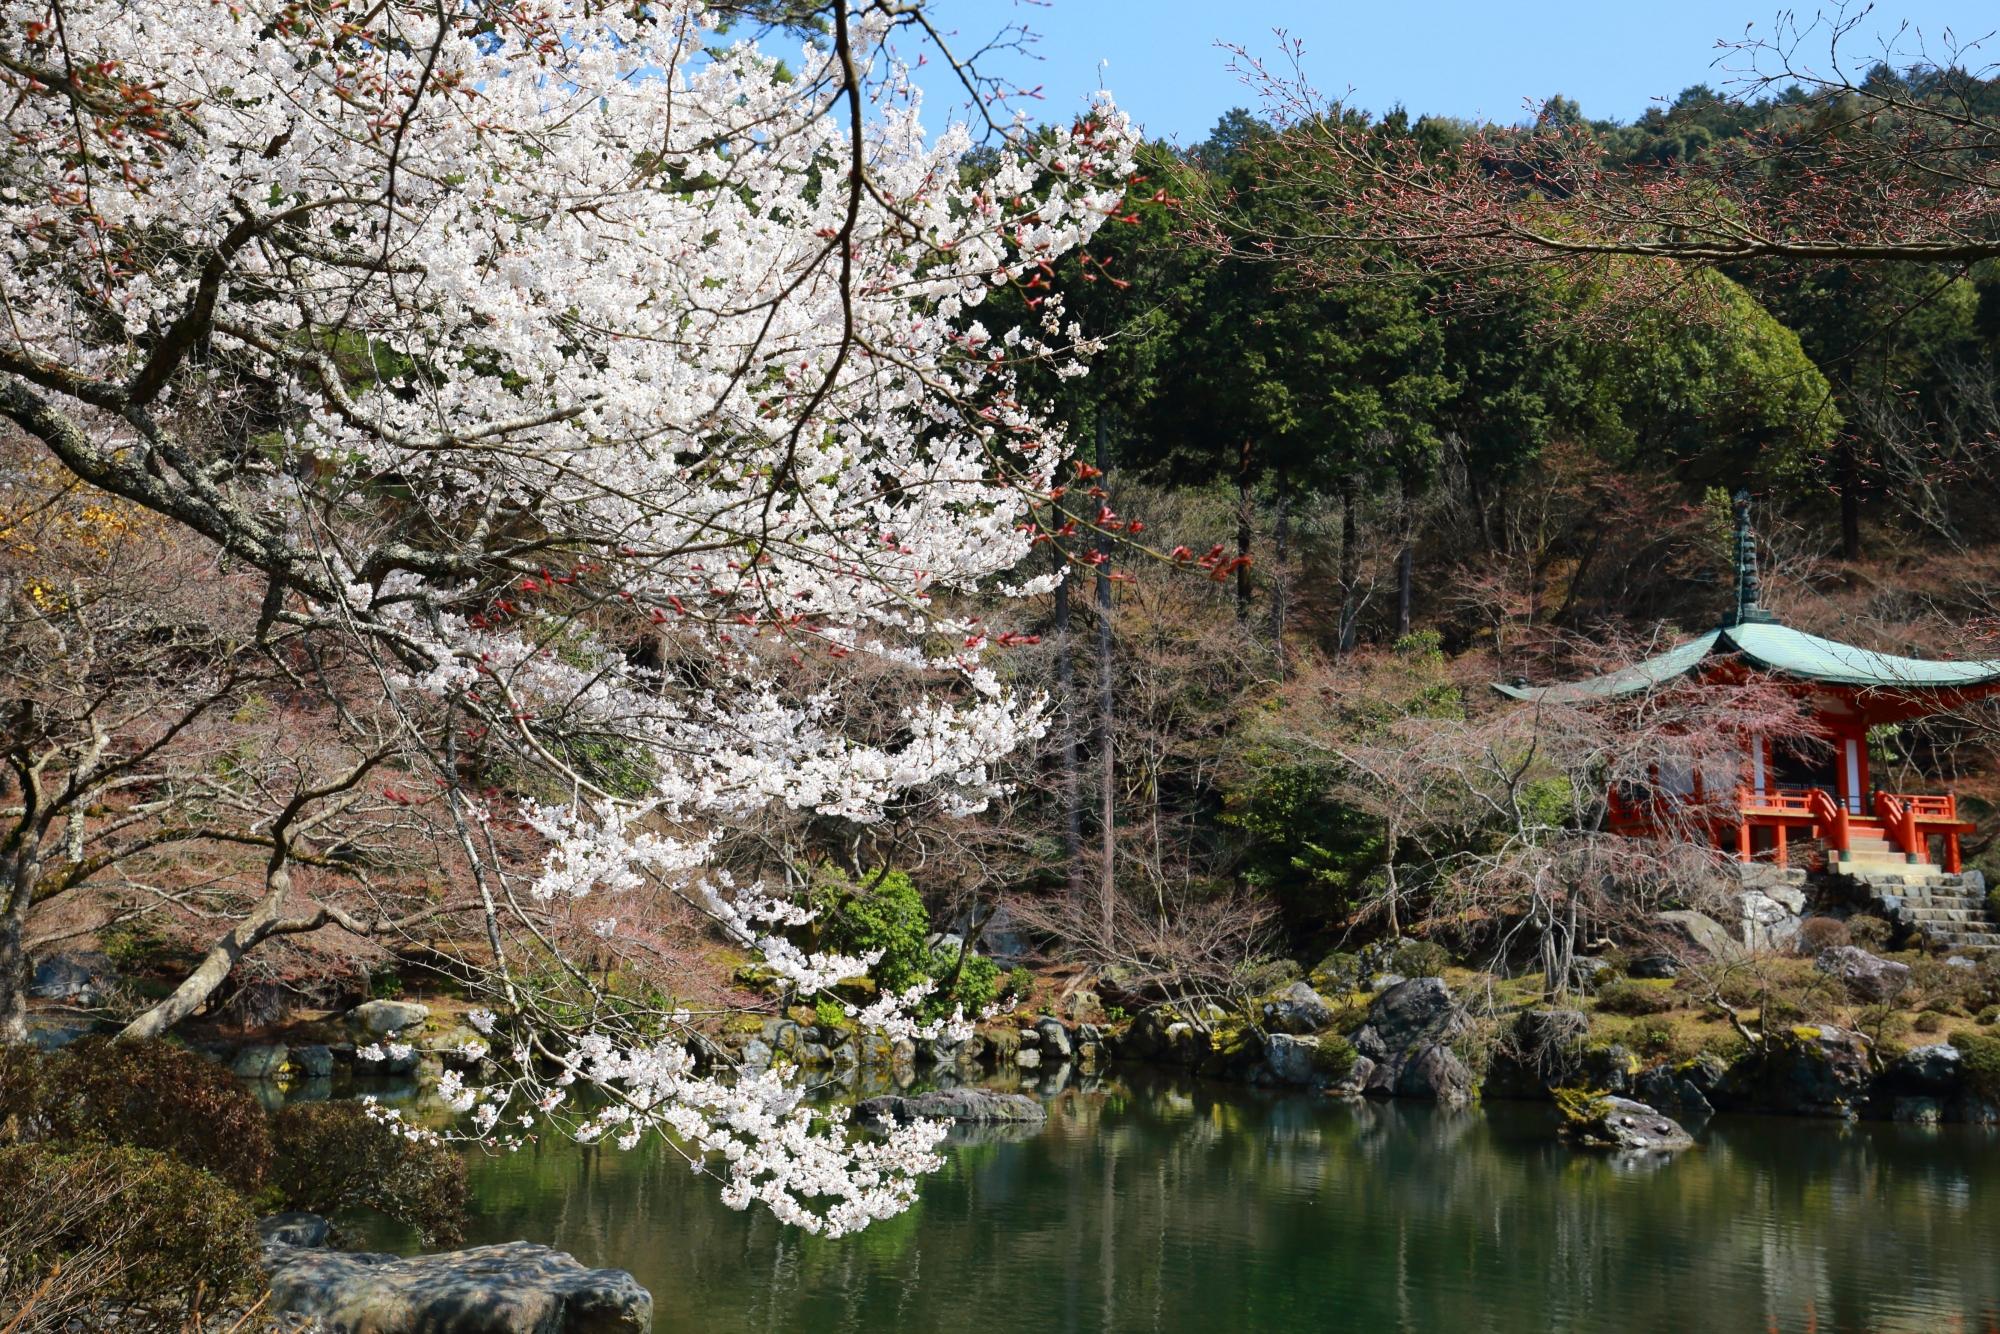 醍醐寺の弁天堂と華やかな桜